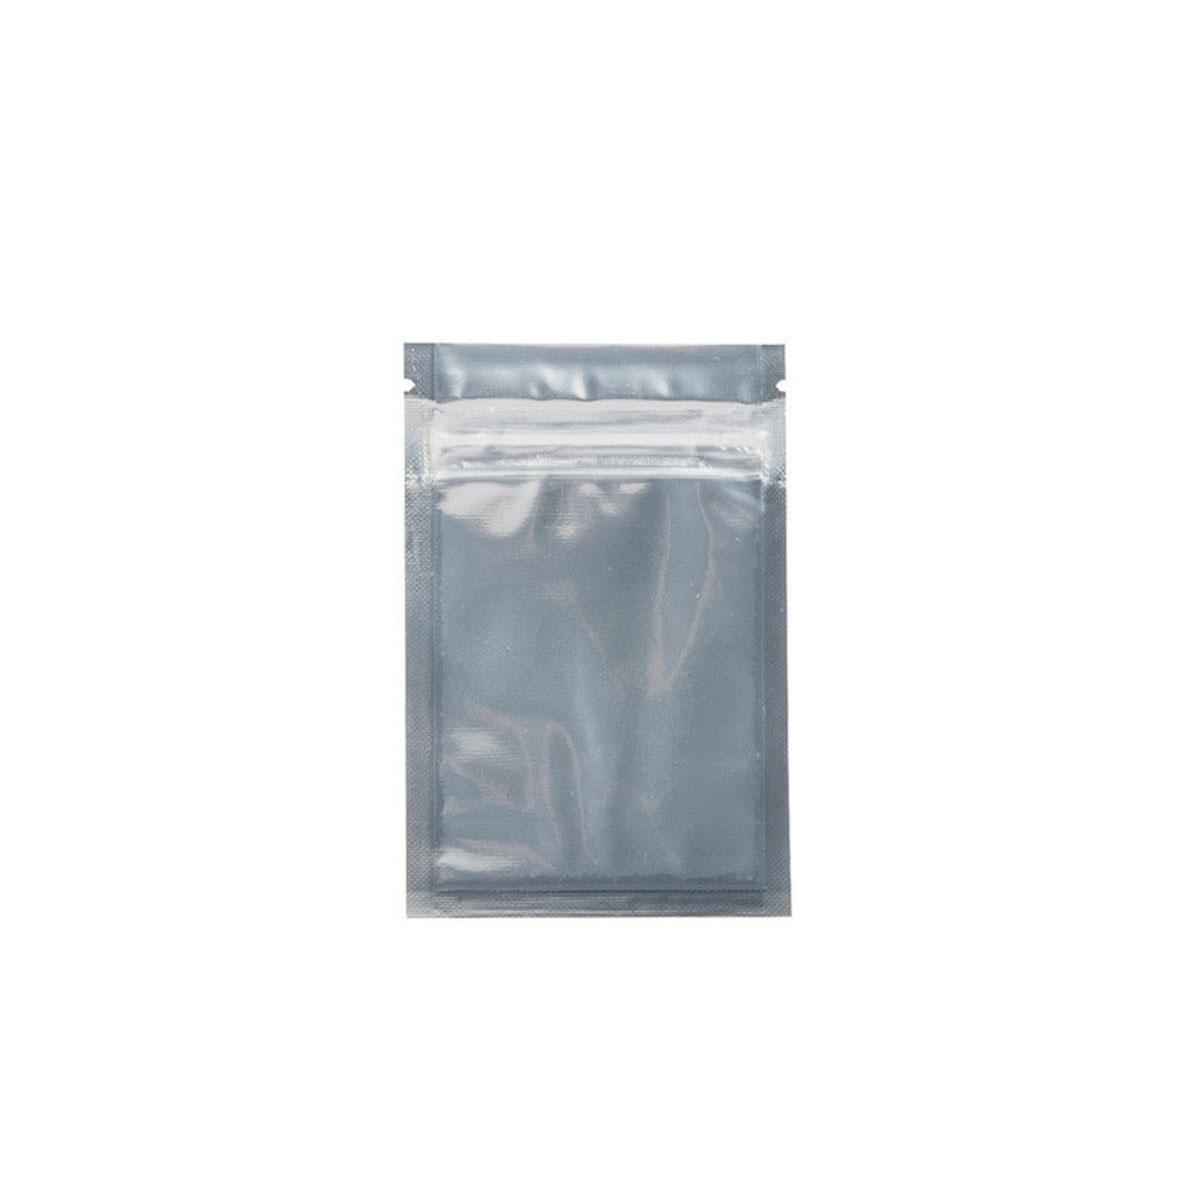 Gram Cali Bear White/clear Barrier Bags (100 Qty.)